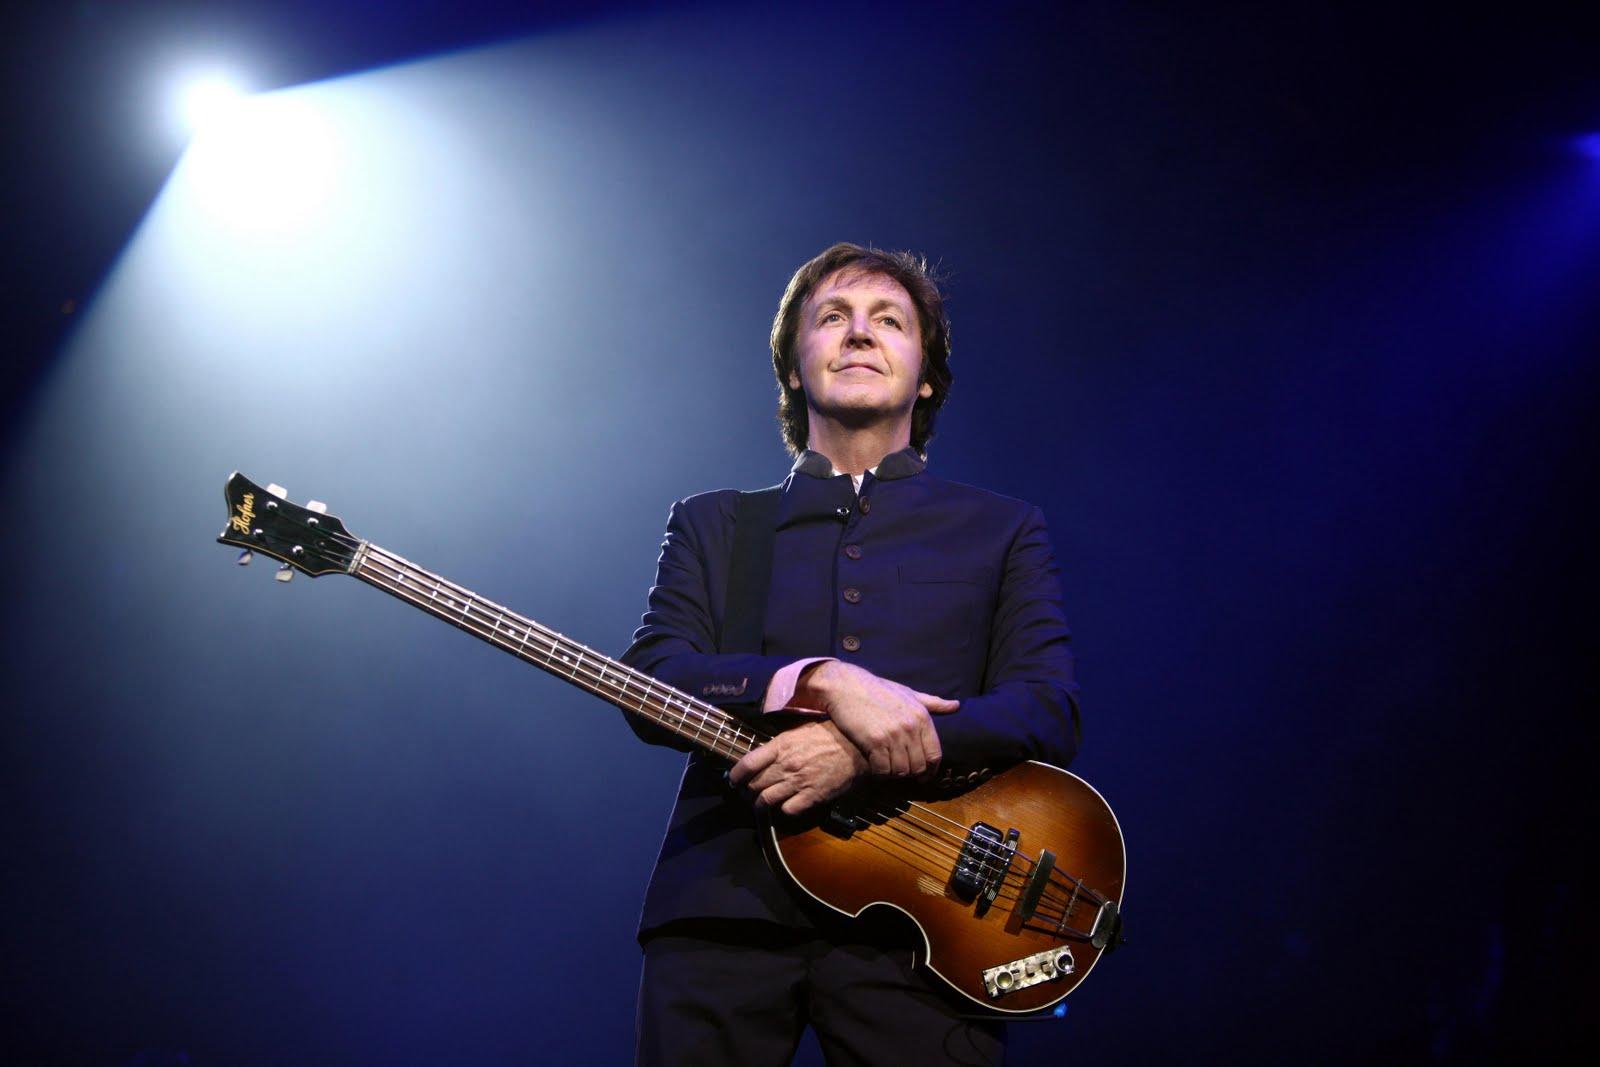 Concierto de Paul McCartney en Medellín es pospuesto — Comunicado oficial